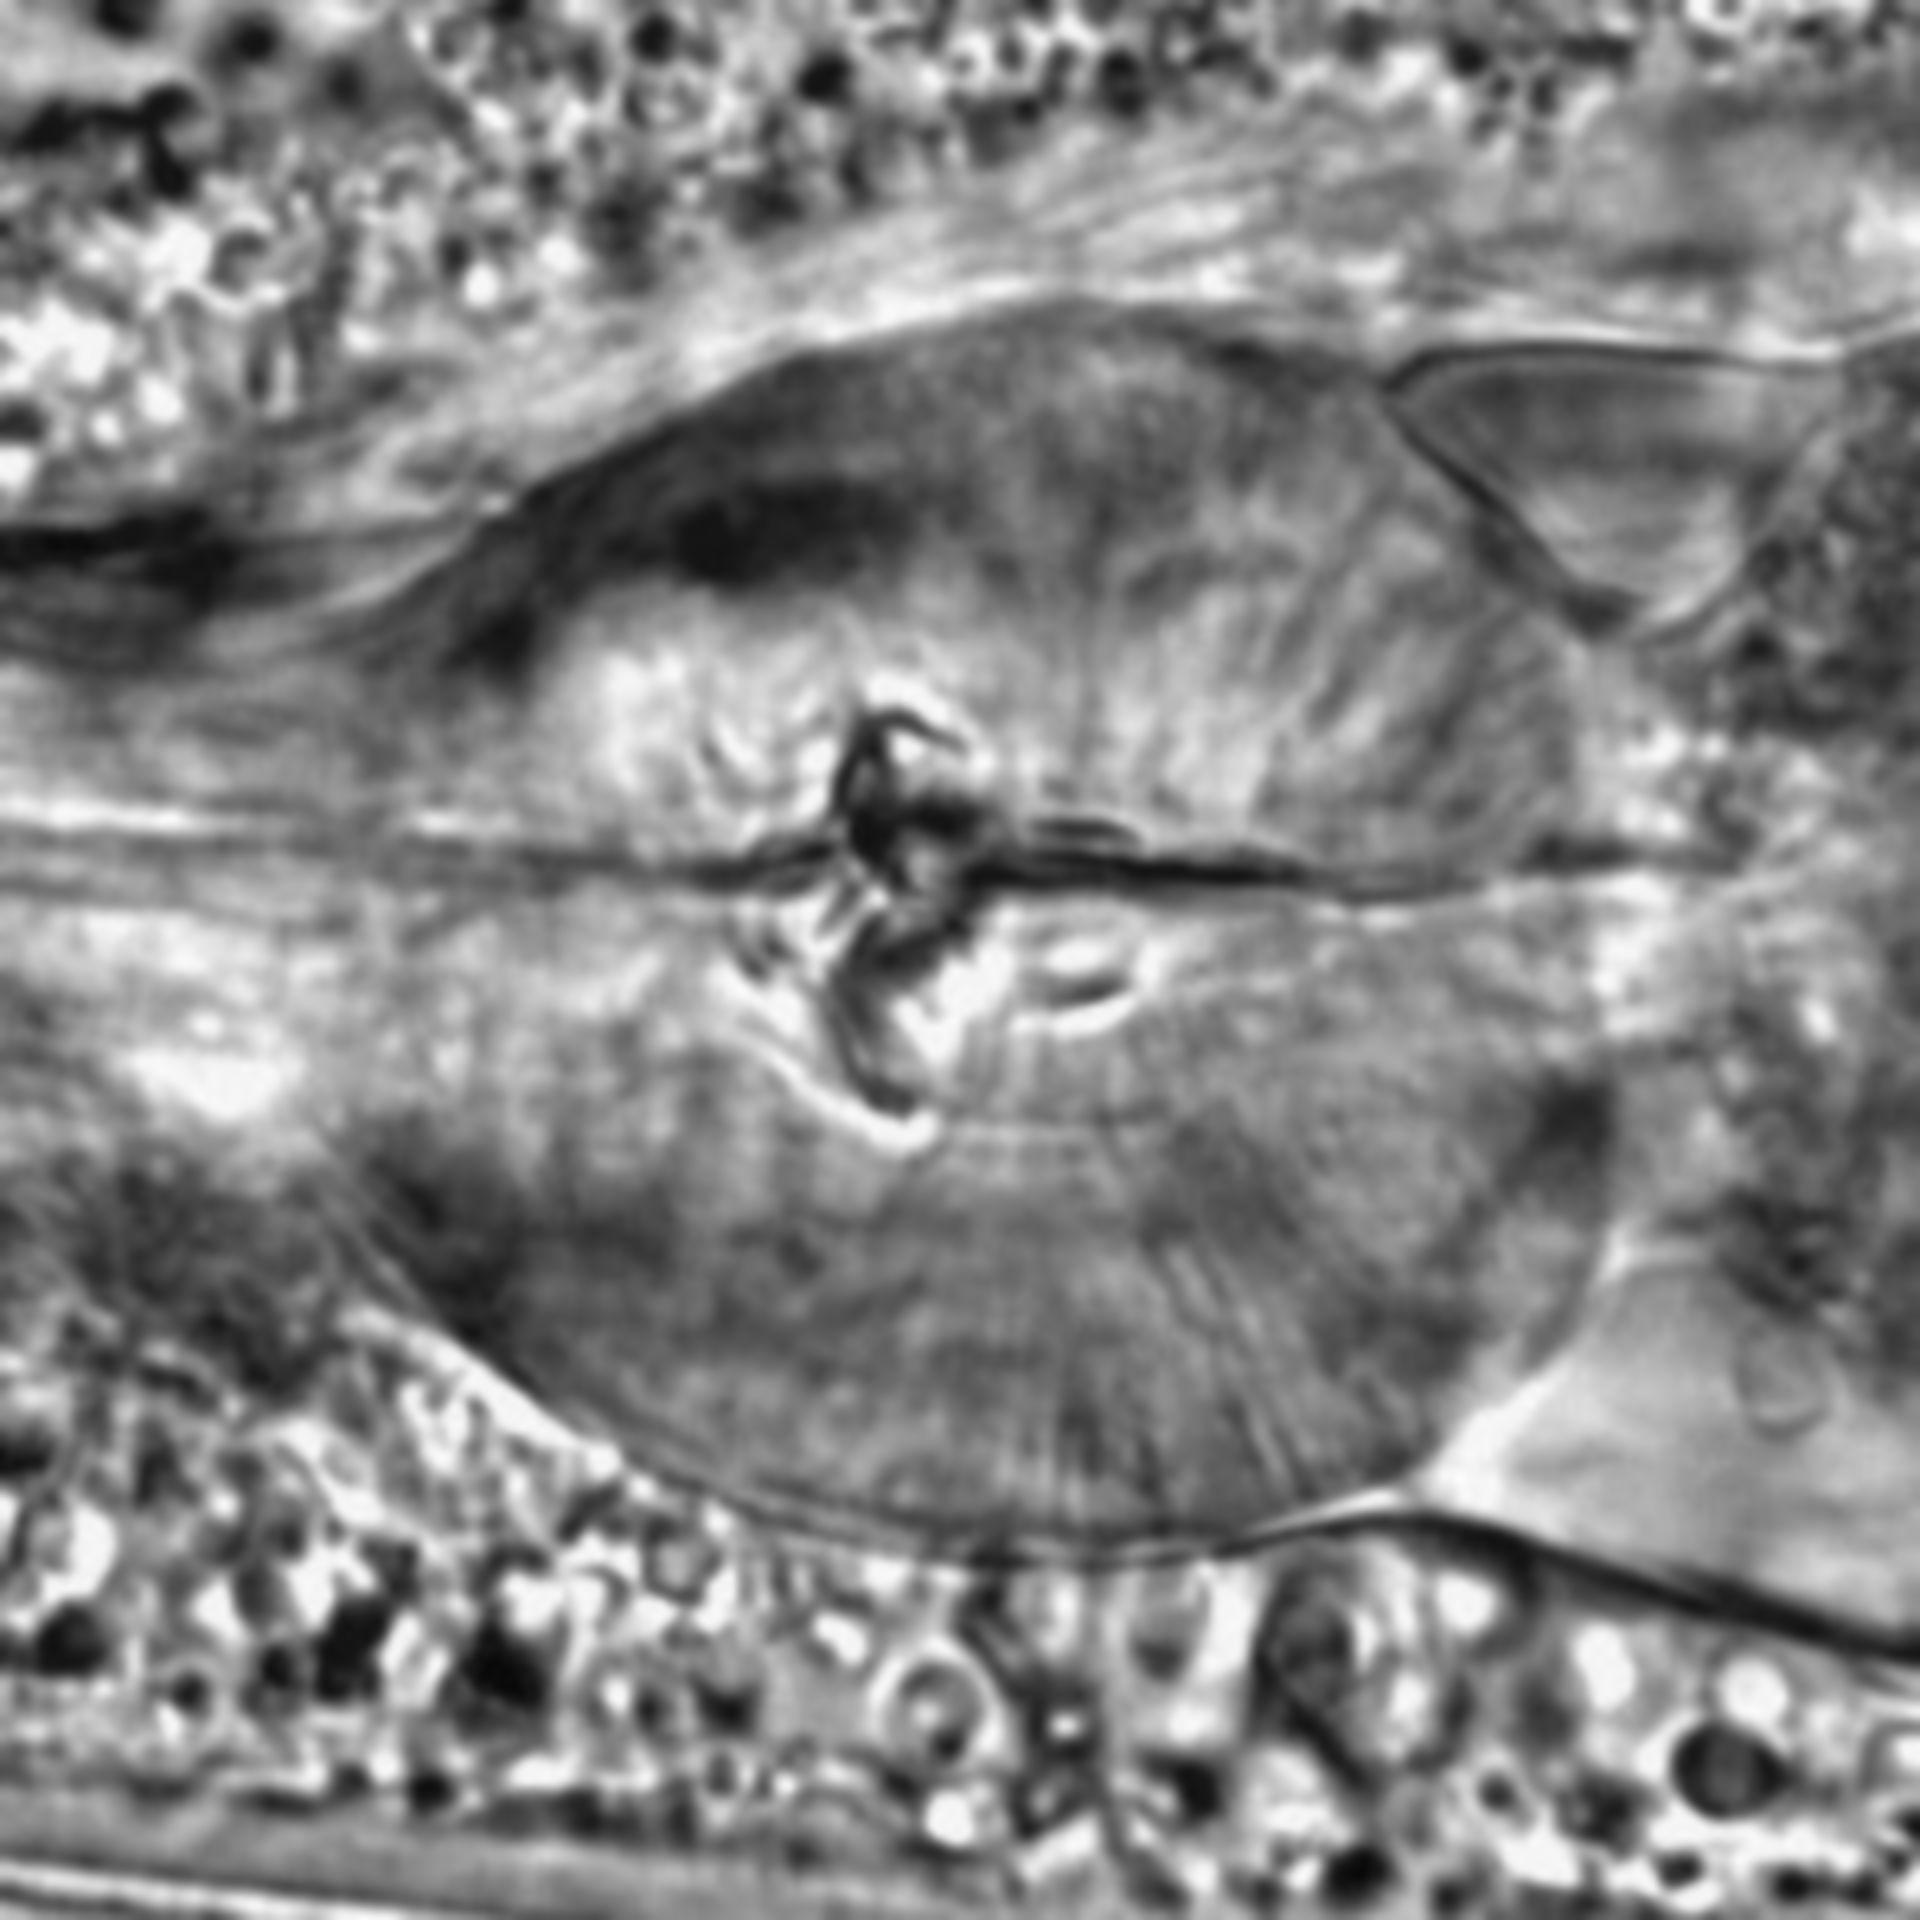 Caenorhabditis elegans - CIL:1777